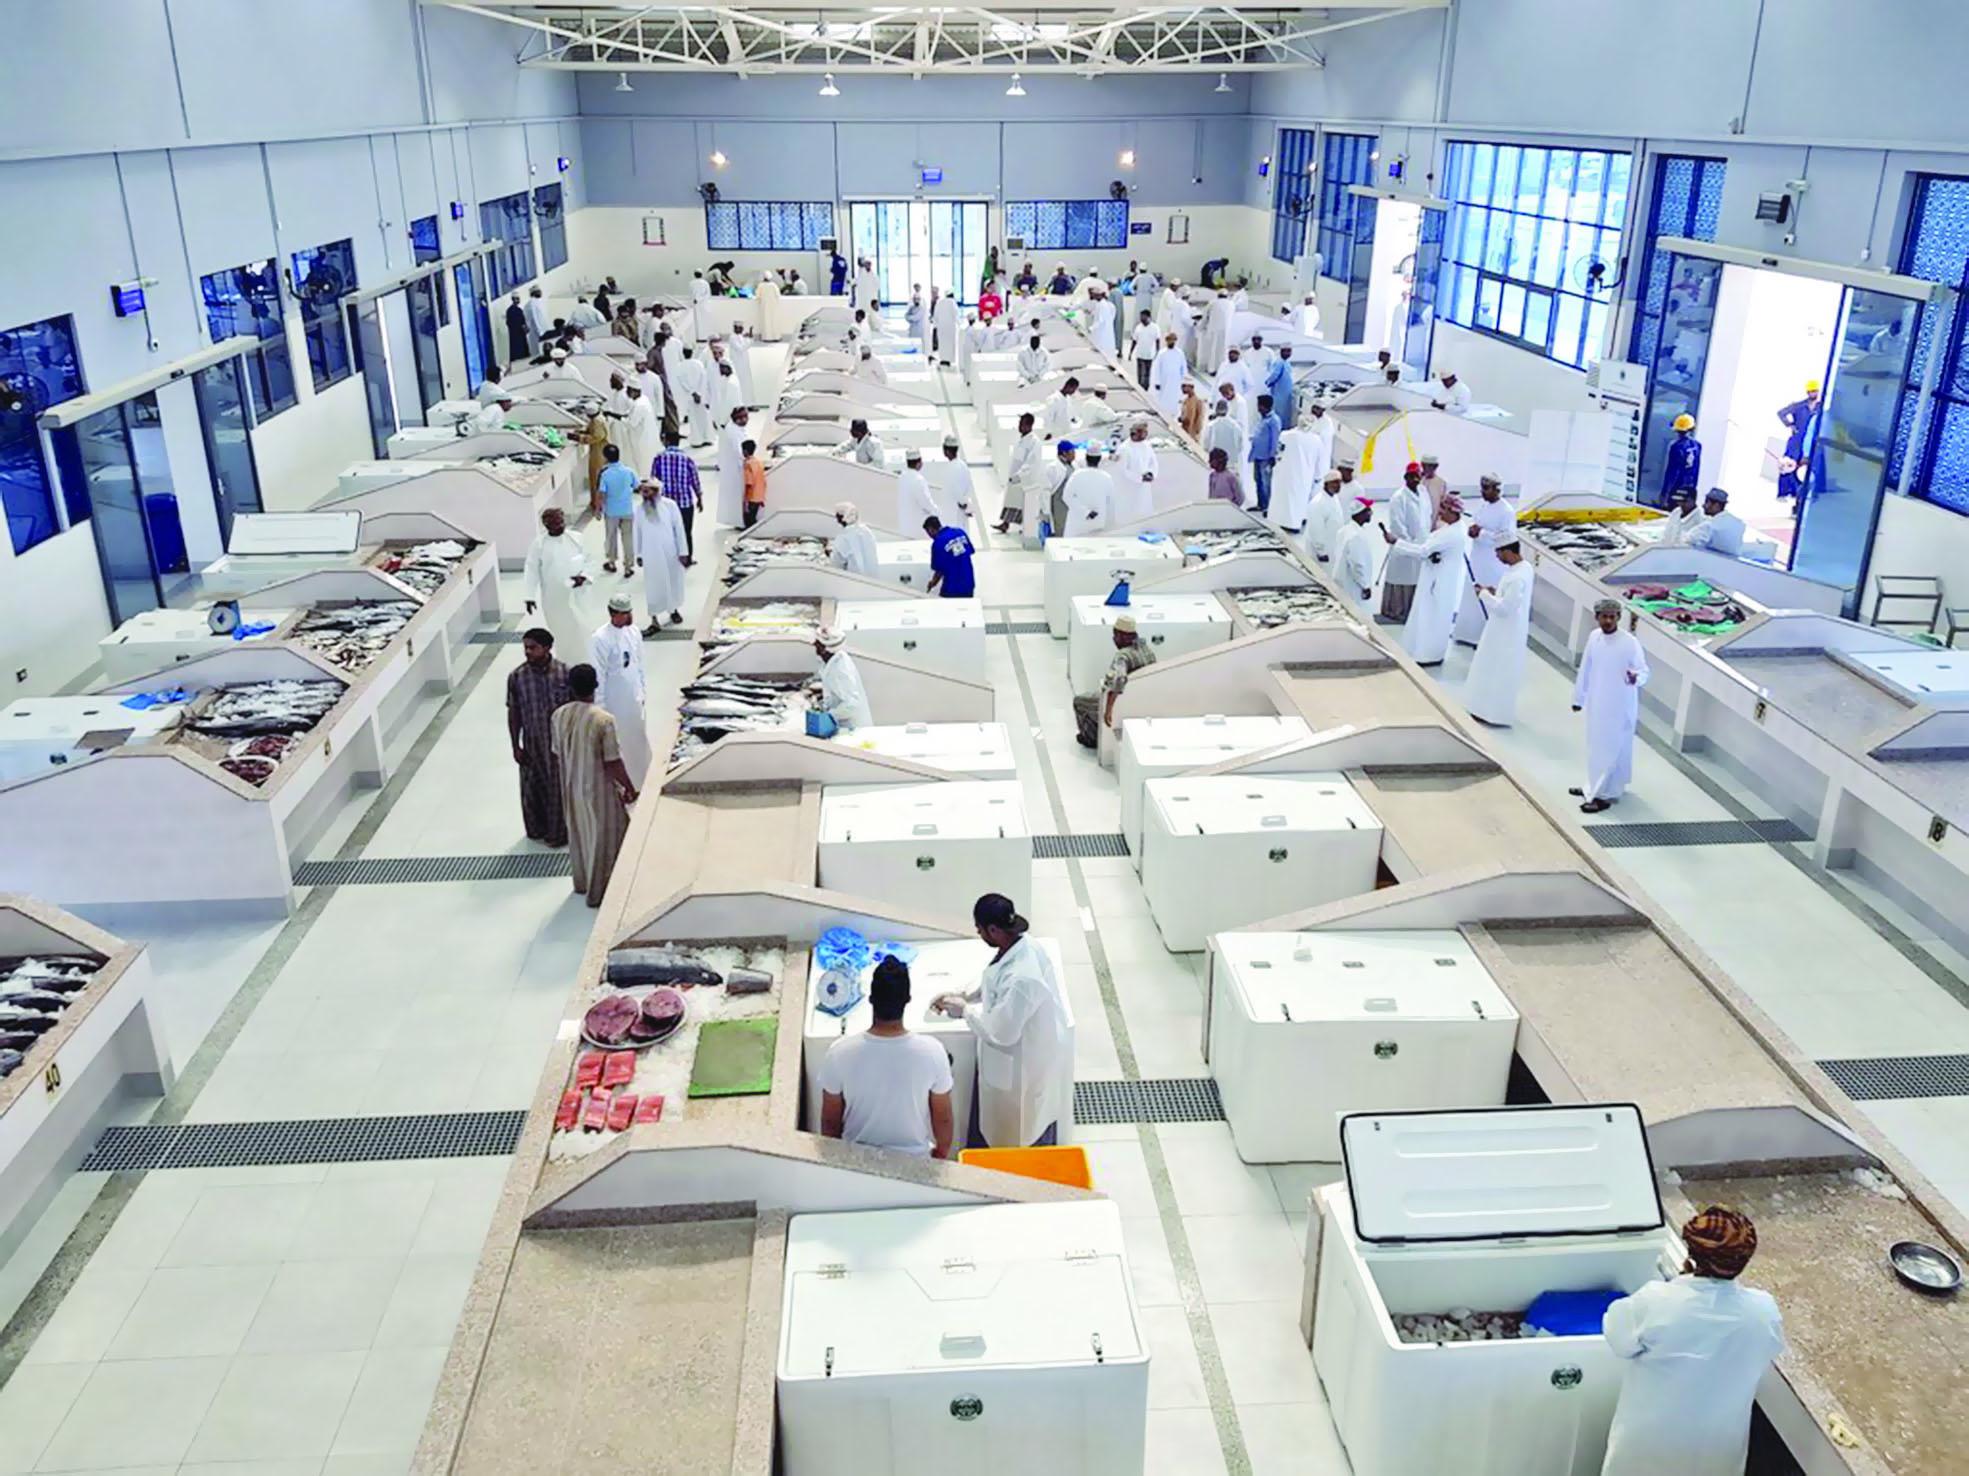 في سوق الجملة المركزي.. ويناير الفائت في الصدارة بـالمبيعات مبيعات الأسماك تلامس 4 ملايين ريال عماني